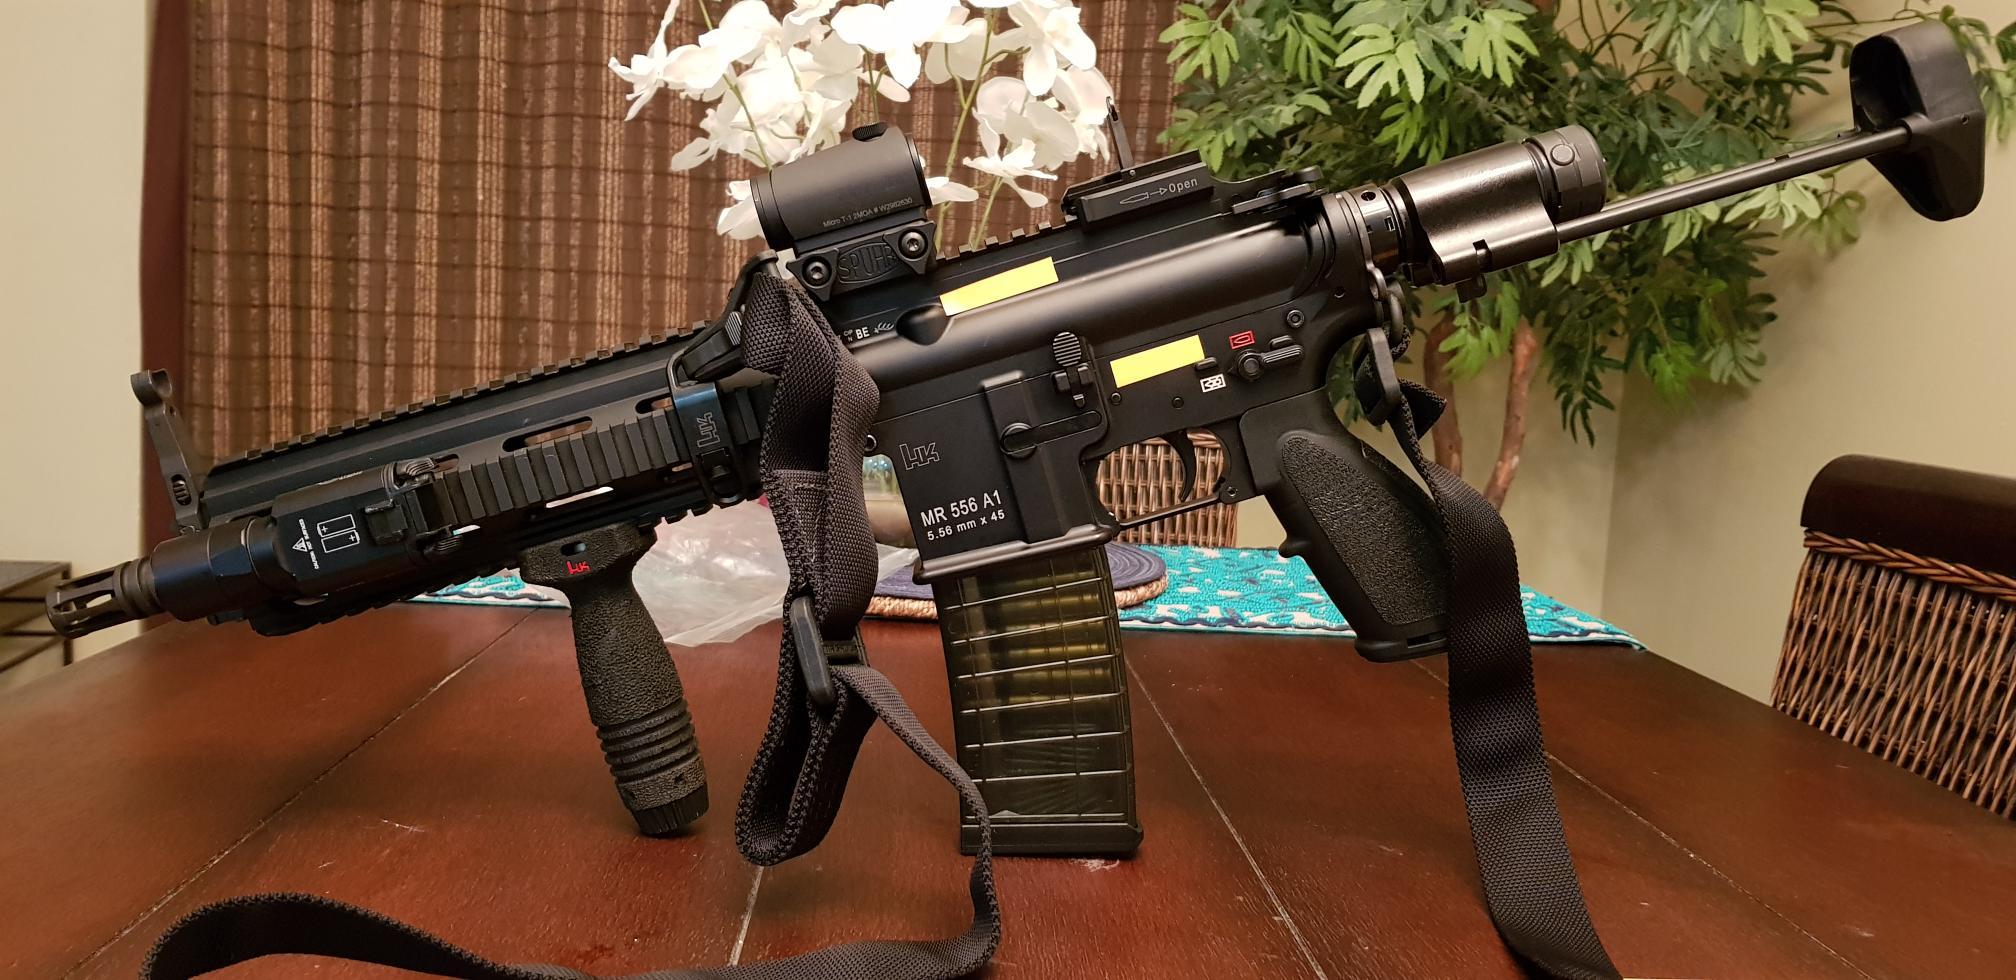 WTS: HK416 Lower Parts Kit, HK416 10 4